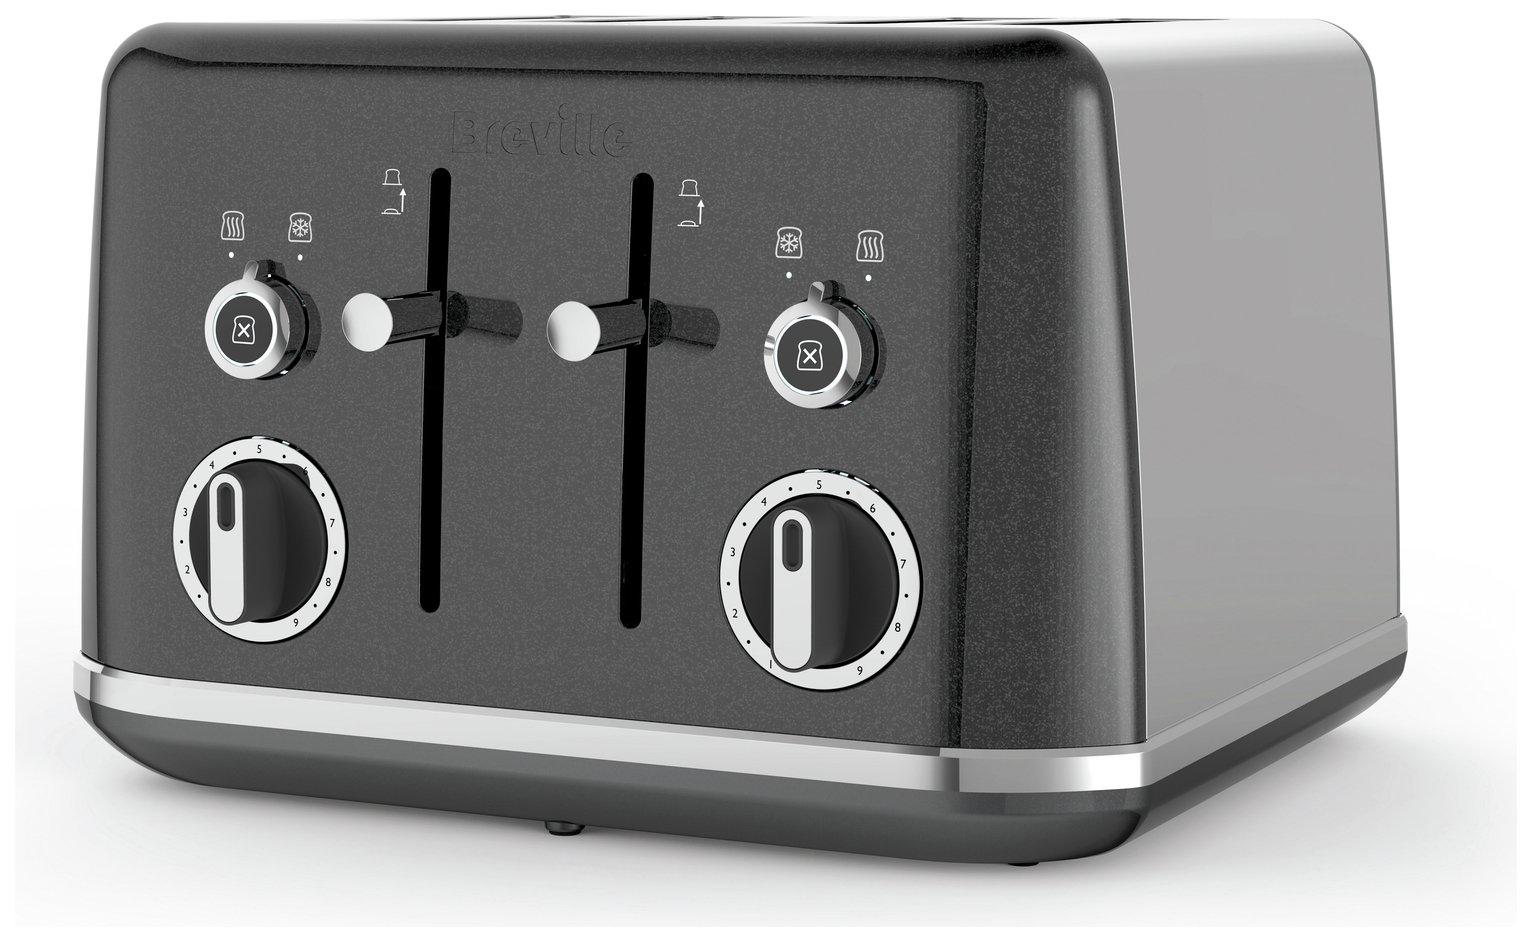 Breville VTT853 Lustra 4 Slice Toaster - Storm Grey